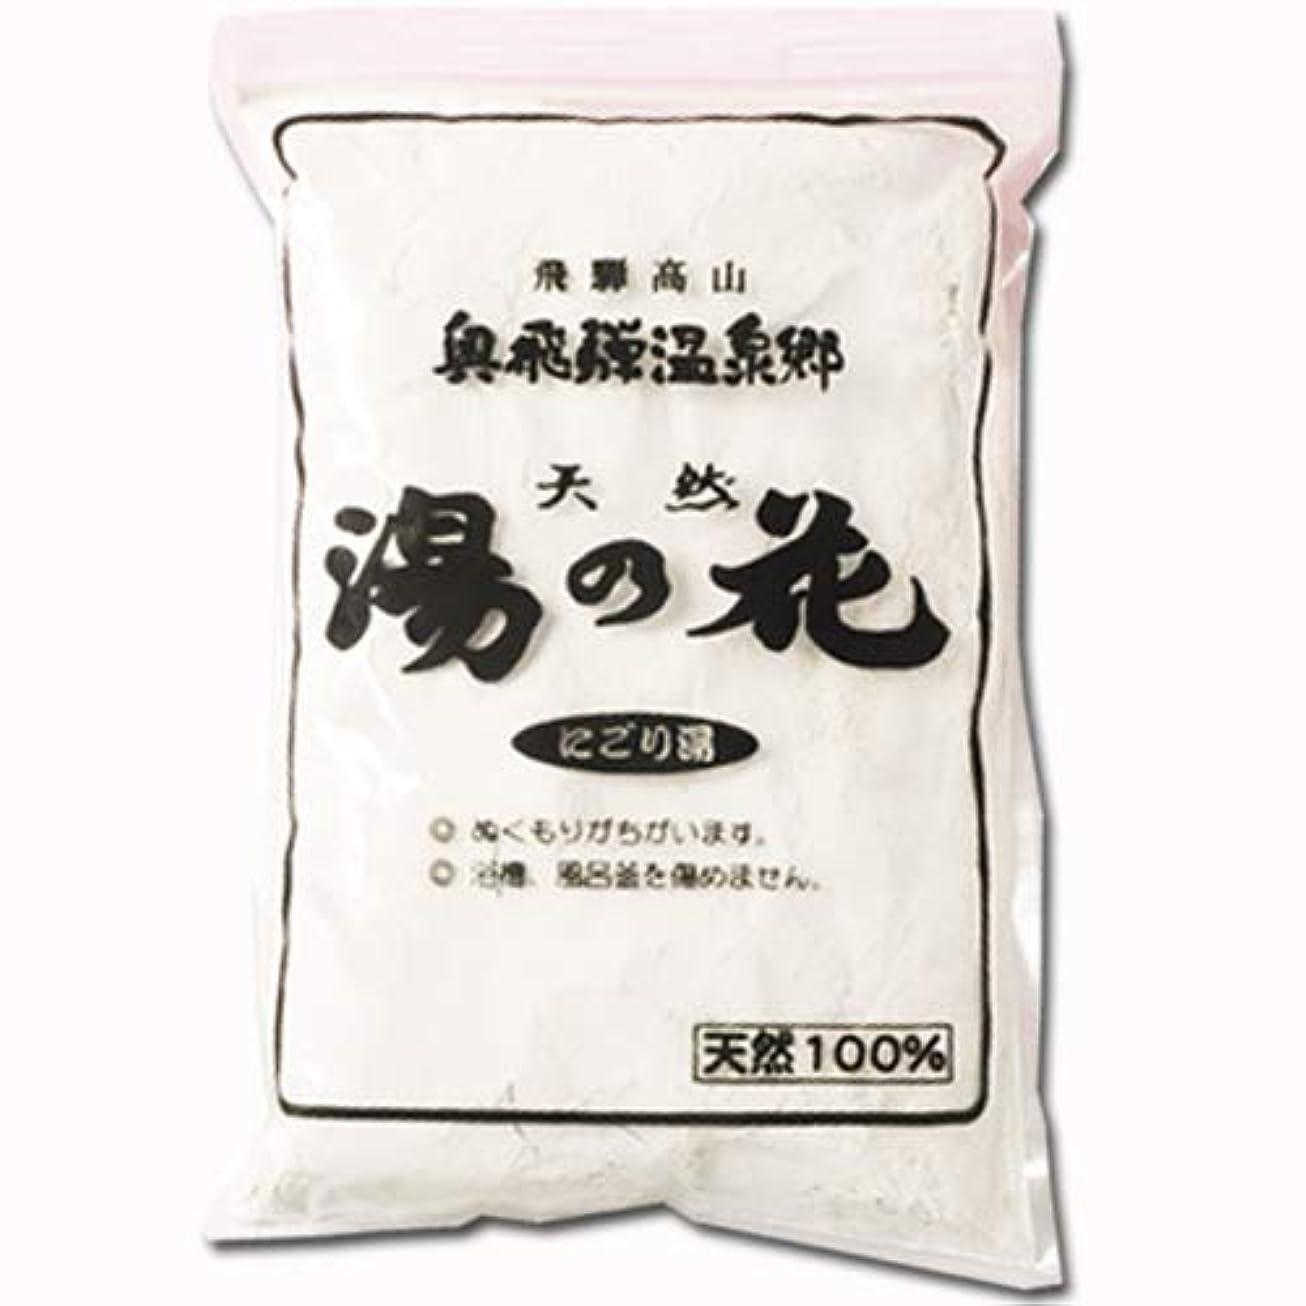 かまど共和国火山天然湯の花 (業務用) 1kg (飛騨高山温泉郷 にごり湯)